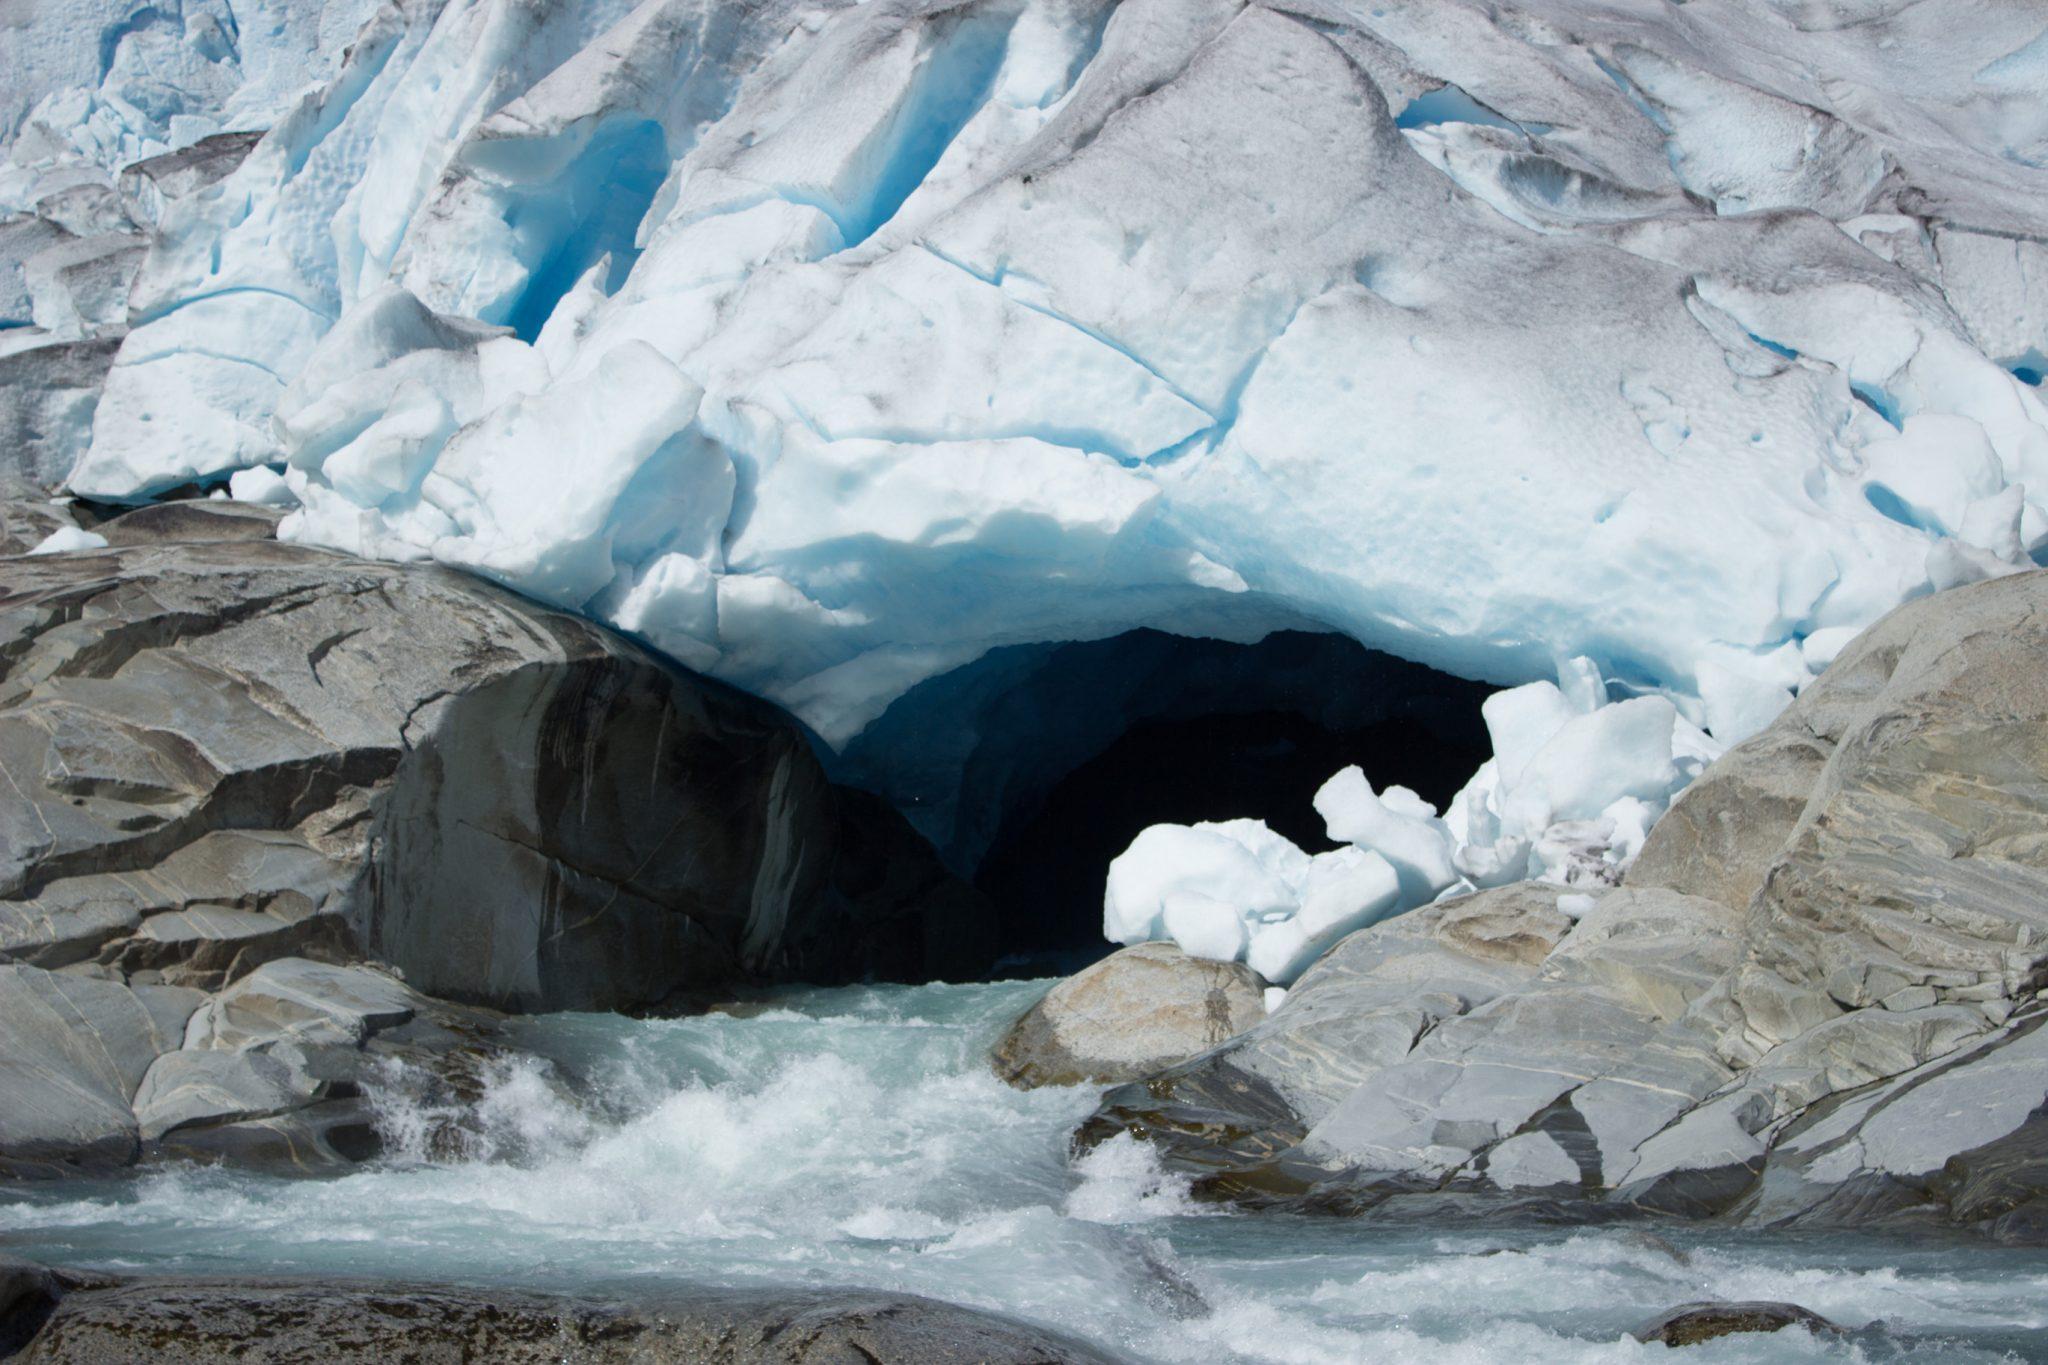 Wanderung Gletscher Nigardsbreen im Jostedalsbreen Nationalpark, Gletscherwasser schmilzt unaufhaltsam, kristallklares Gletscherwasser speist Fluß, Blick in Gletscherhöhle